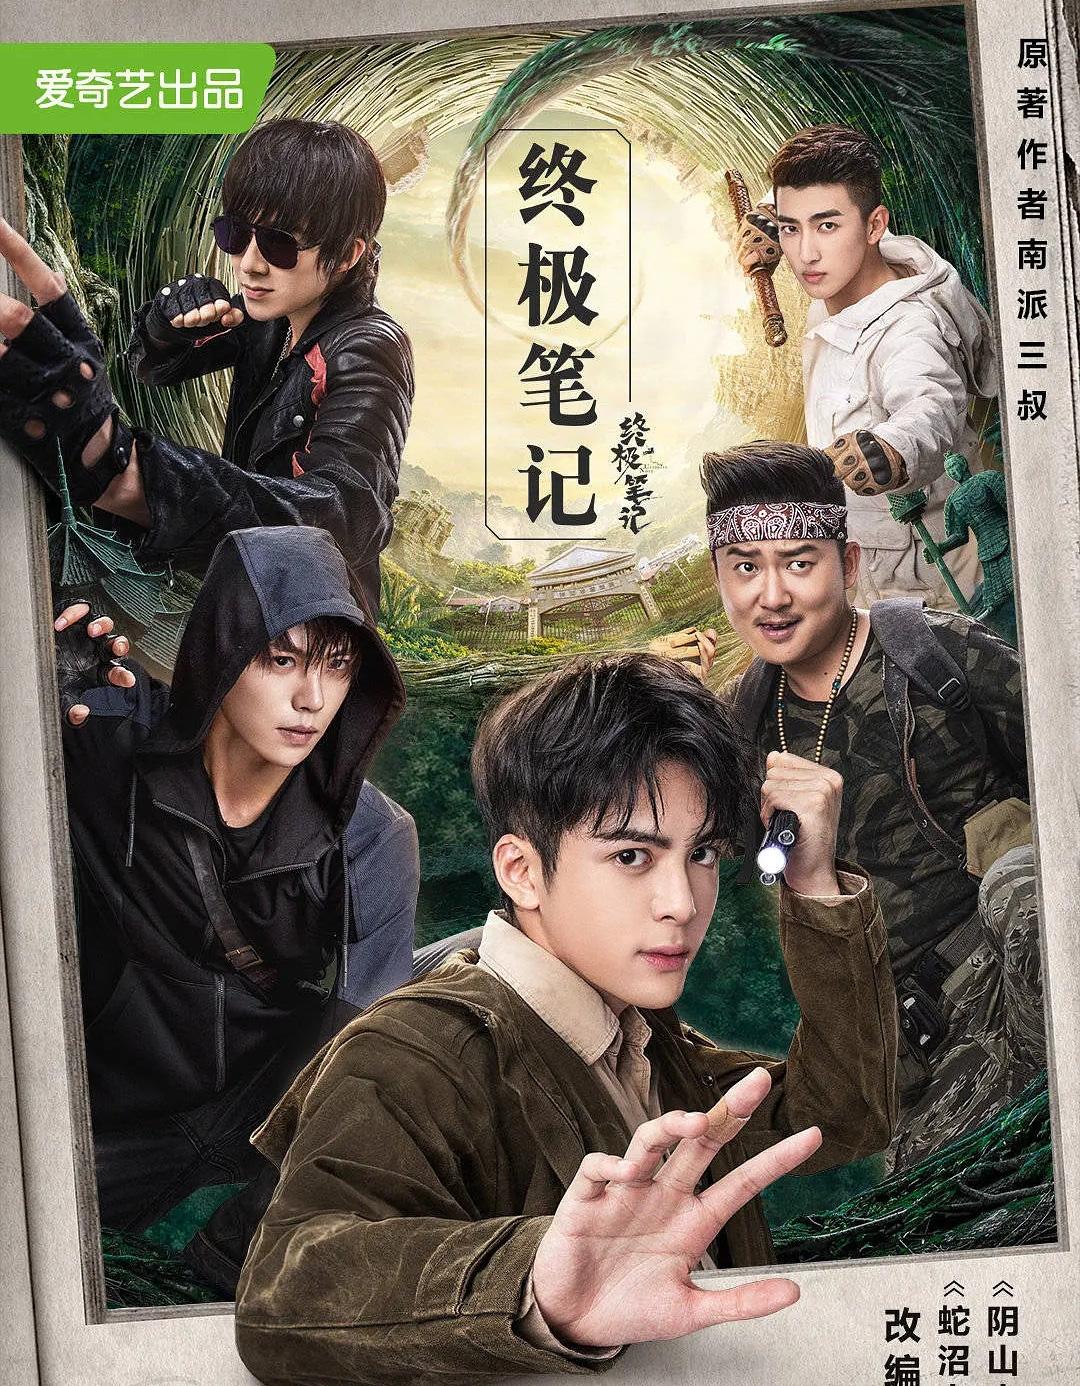 BXH 10 phim Hoa ngữ hot nhất hiện nay: Hữu Phỉ mang tiếng flop nhưng lại đứng đầu mới oách nha!-4